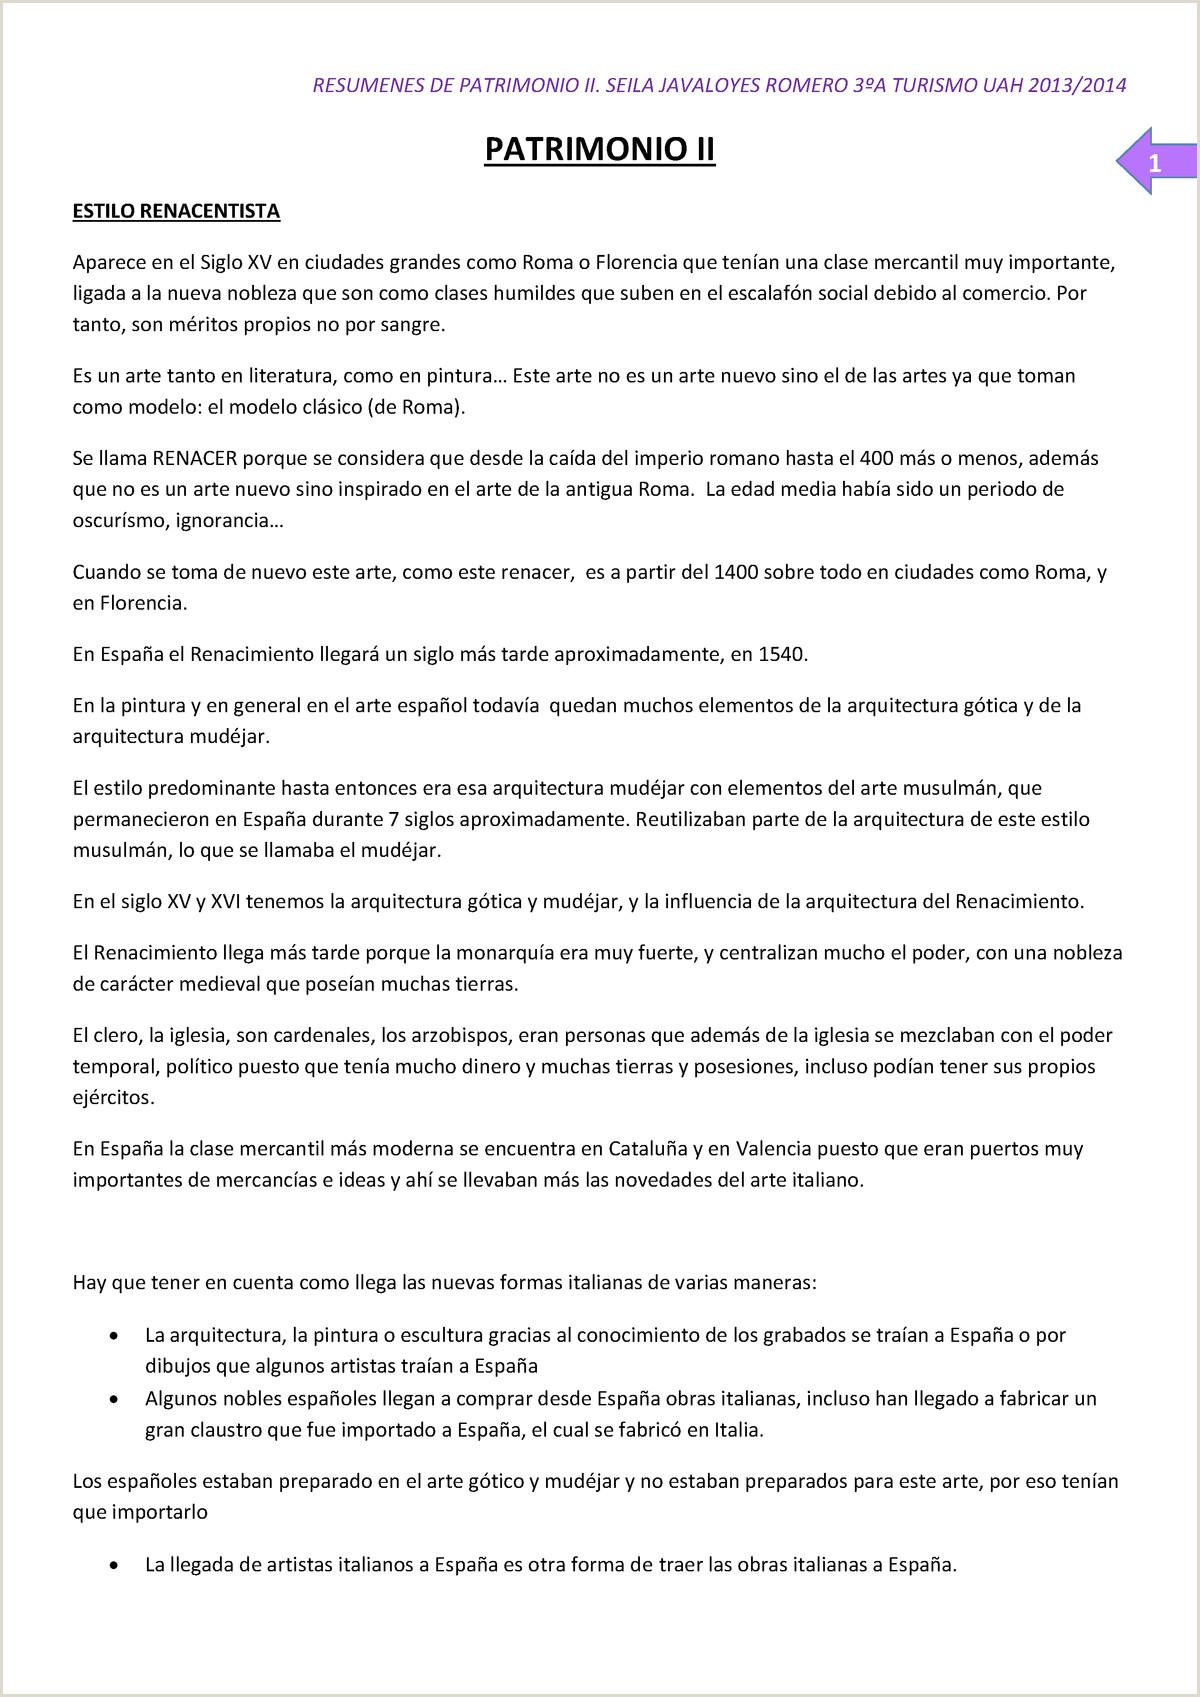 Resºmenes de todo el temario Prof Dr Gonzalo Redn UAH